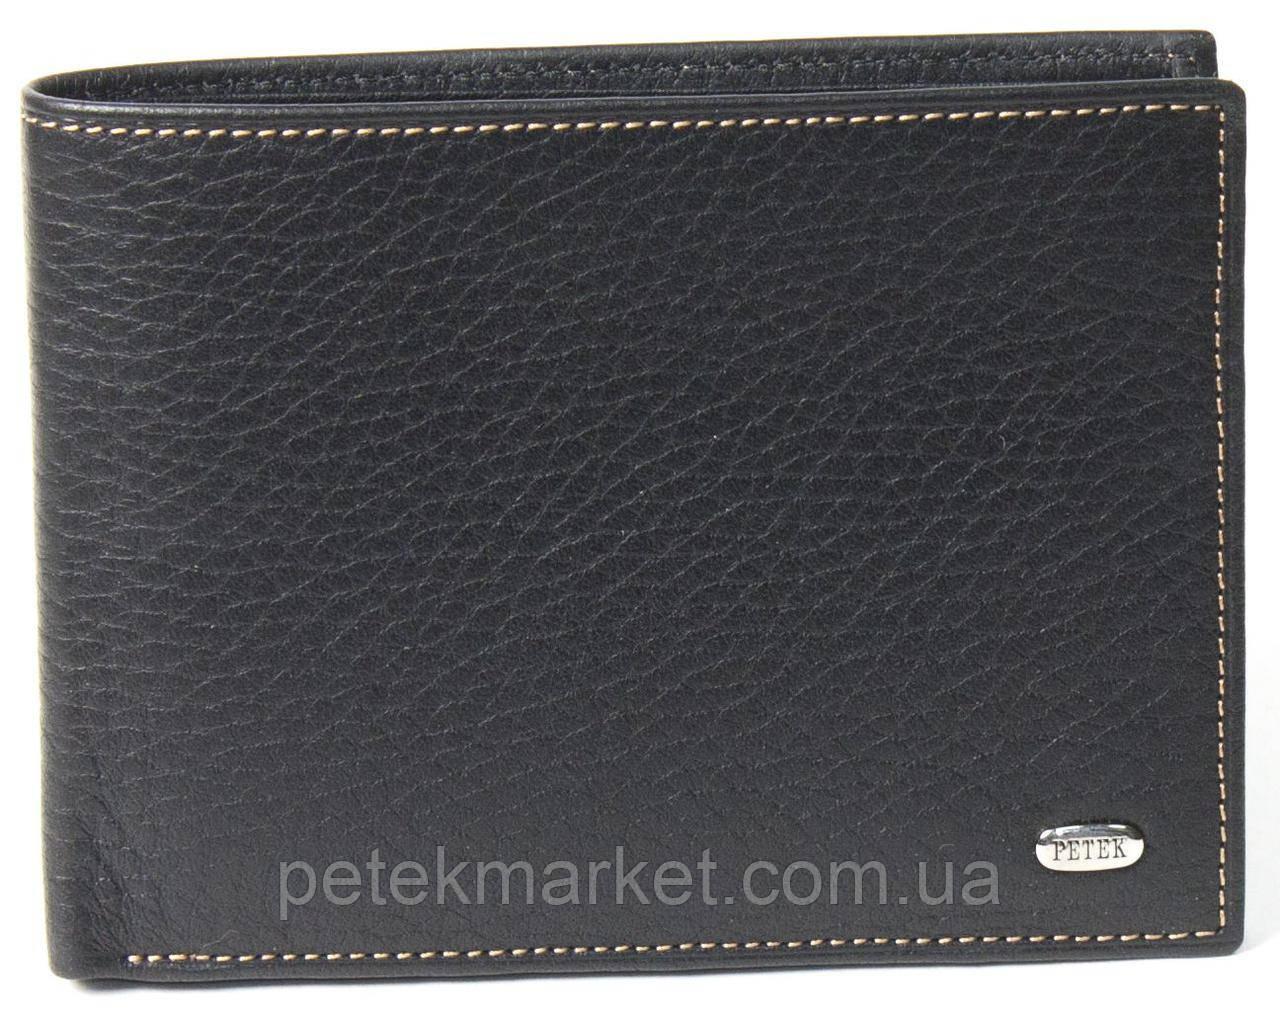 Мужское портмоне Petek 112, Черный, 2, 5+, Горизонтальное, Естественная фактура, Есть, Матовая, Стандартное